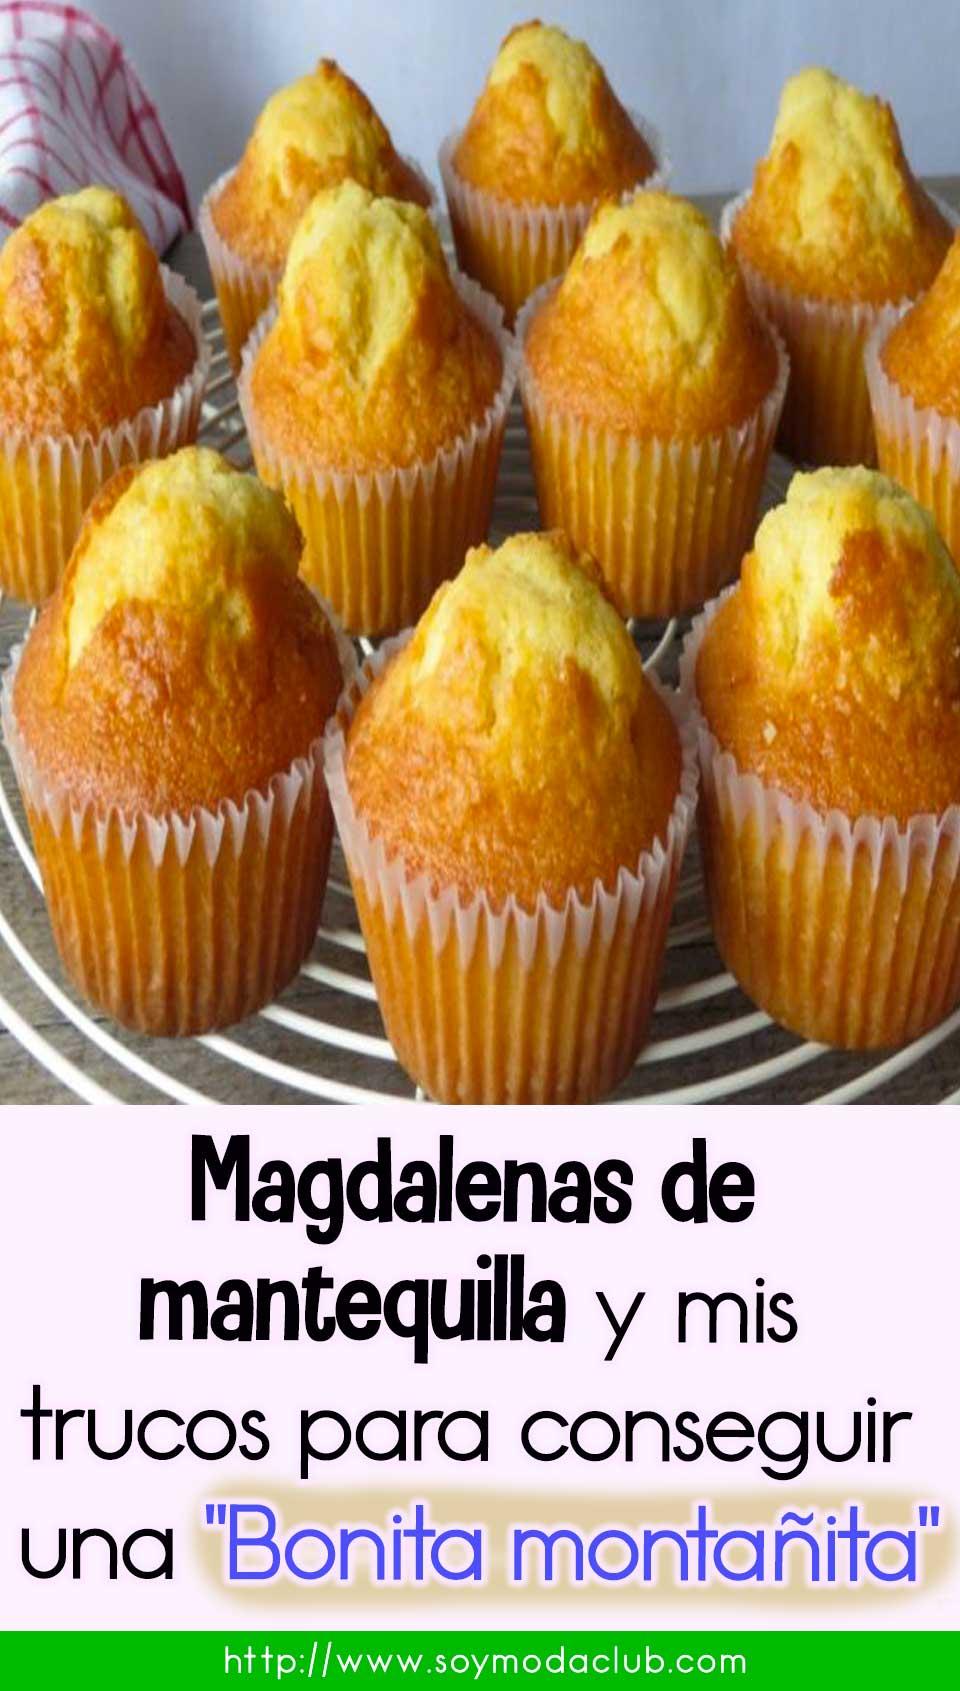 Magdalenas de mantequilla